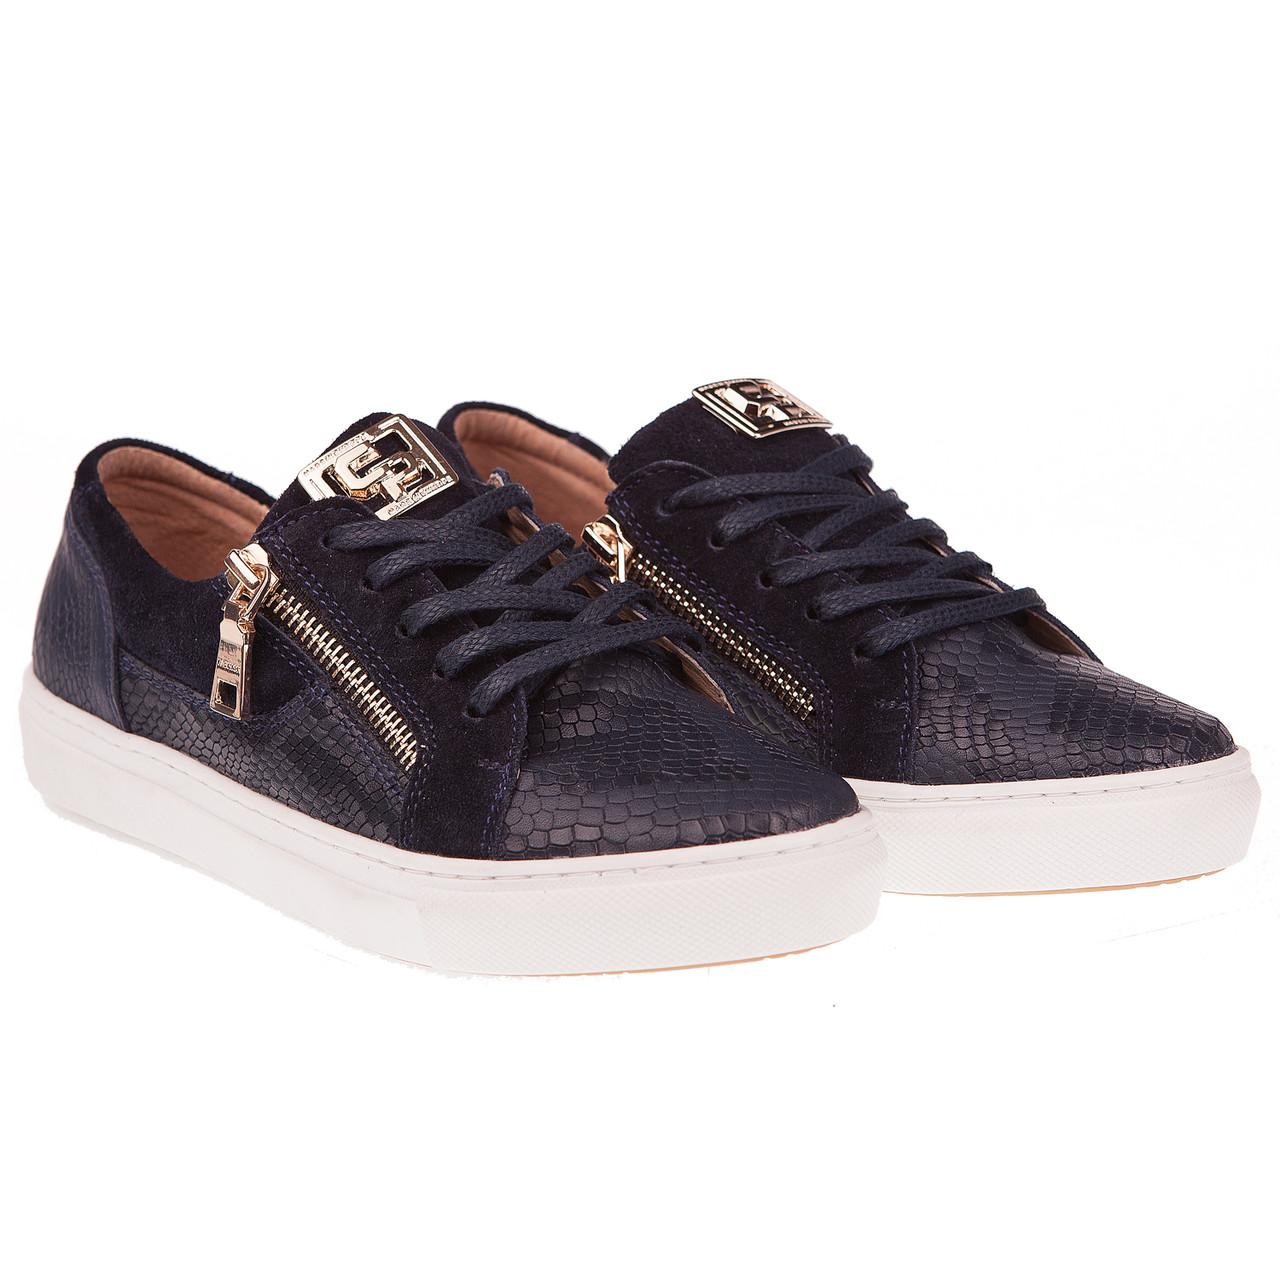 Спортивные туфли женские от Carlo Pachini (на шнурках, комфортные, удобные, синего цвета)